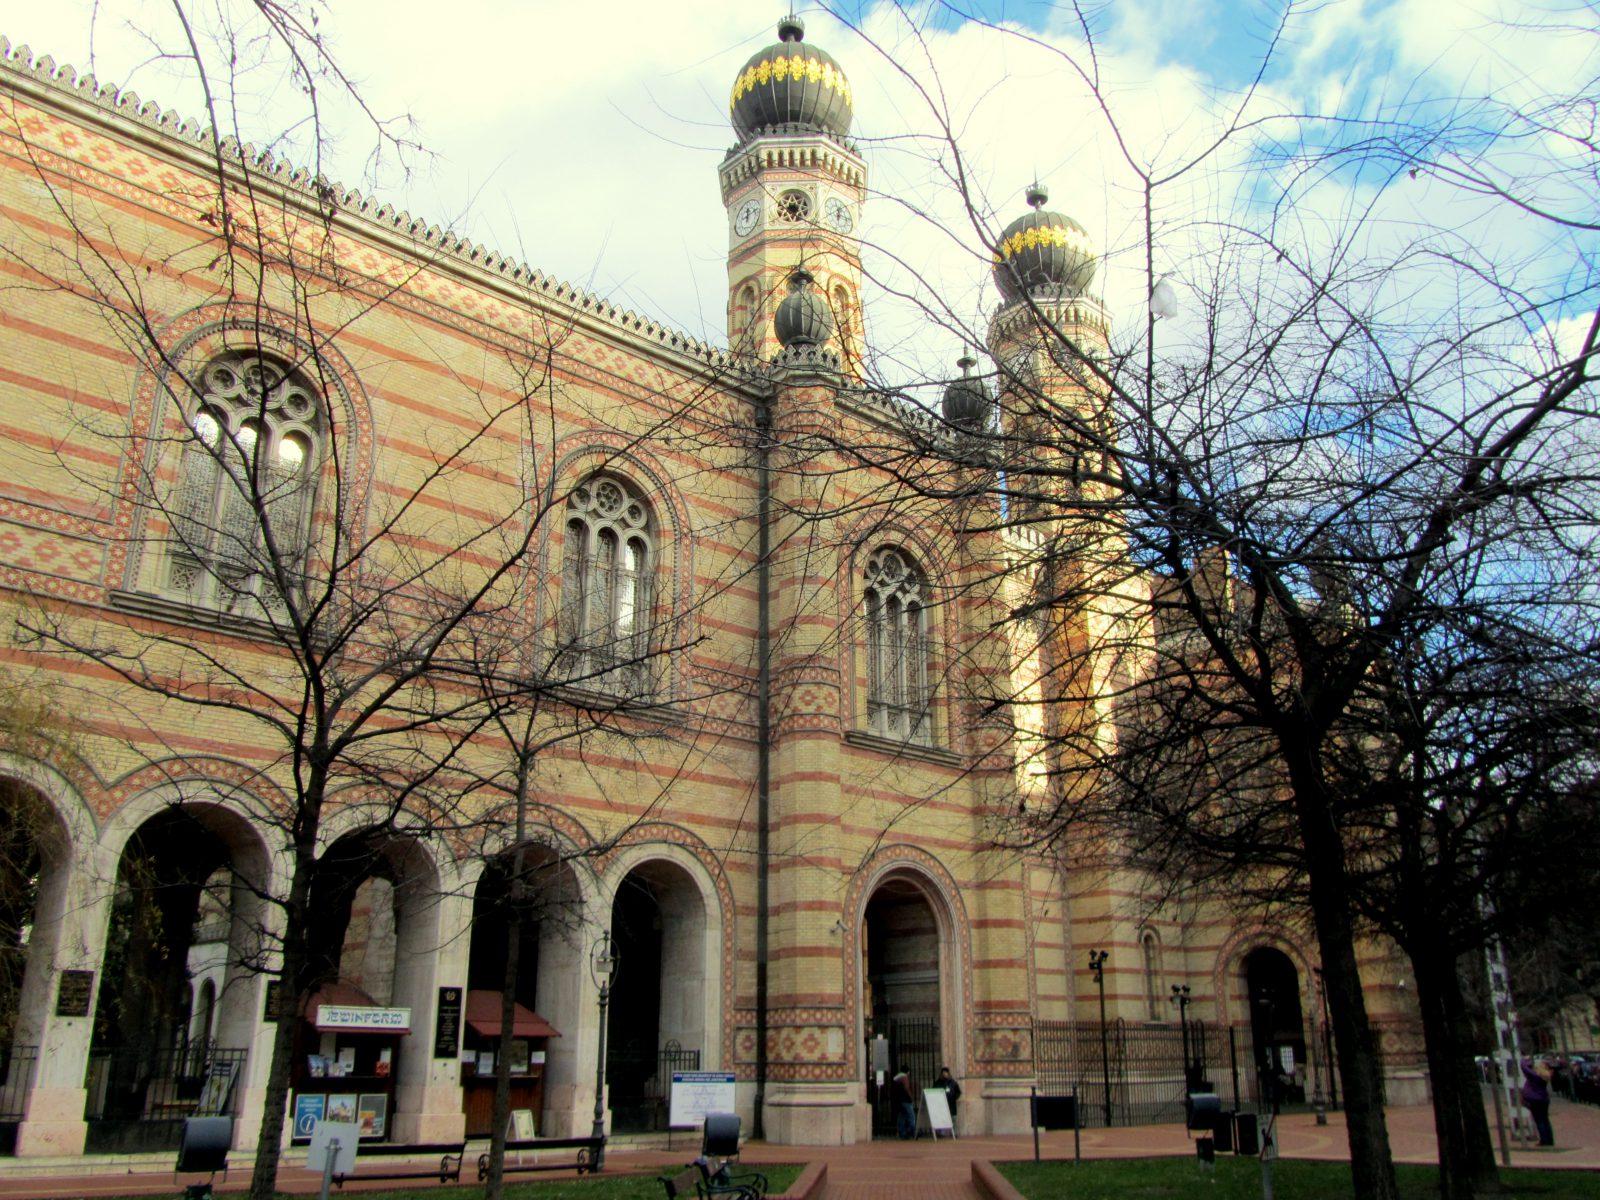 טיול בבודפשט בית הכנסת הגדול